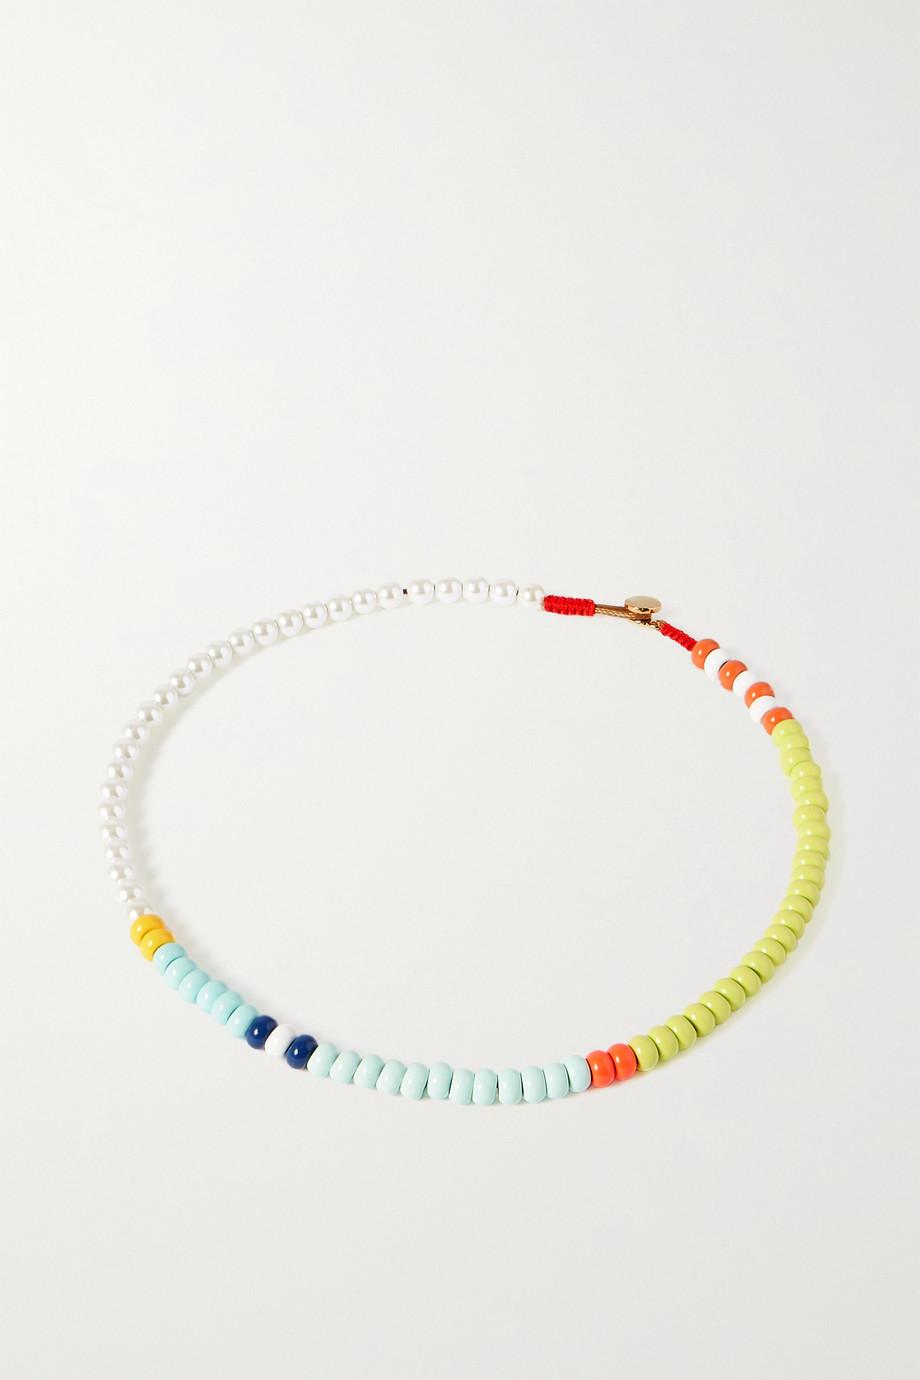 Roxanne Assoulin Collier en émail et perles synthétiques Loopy